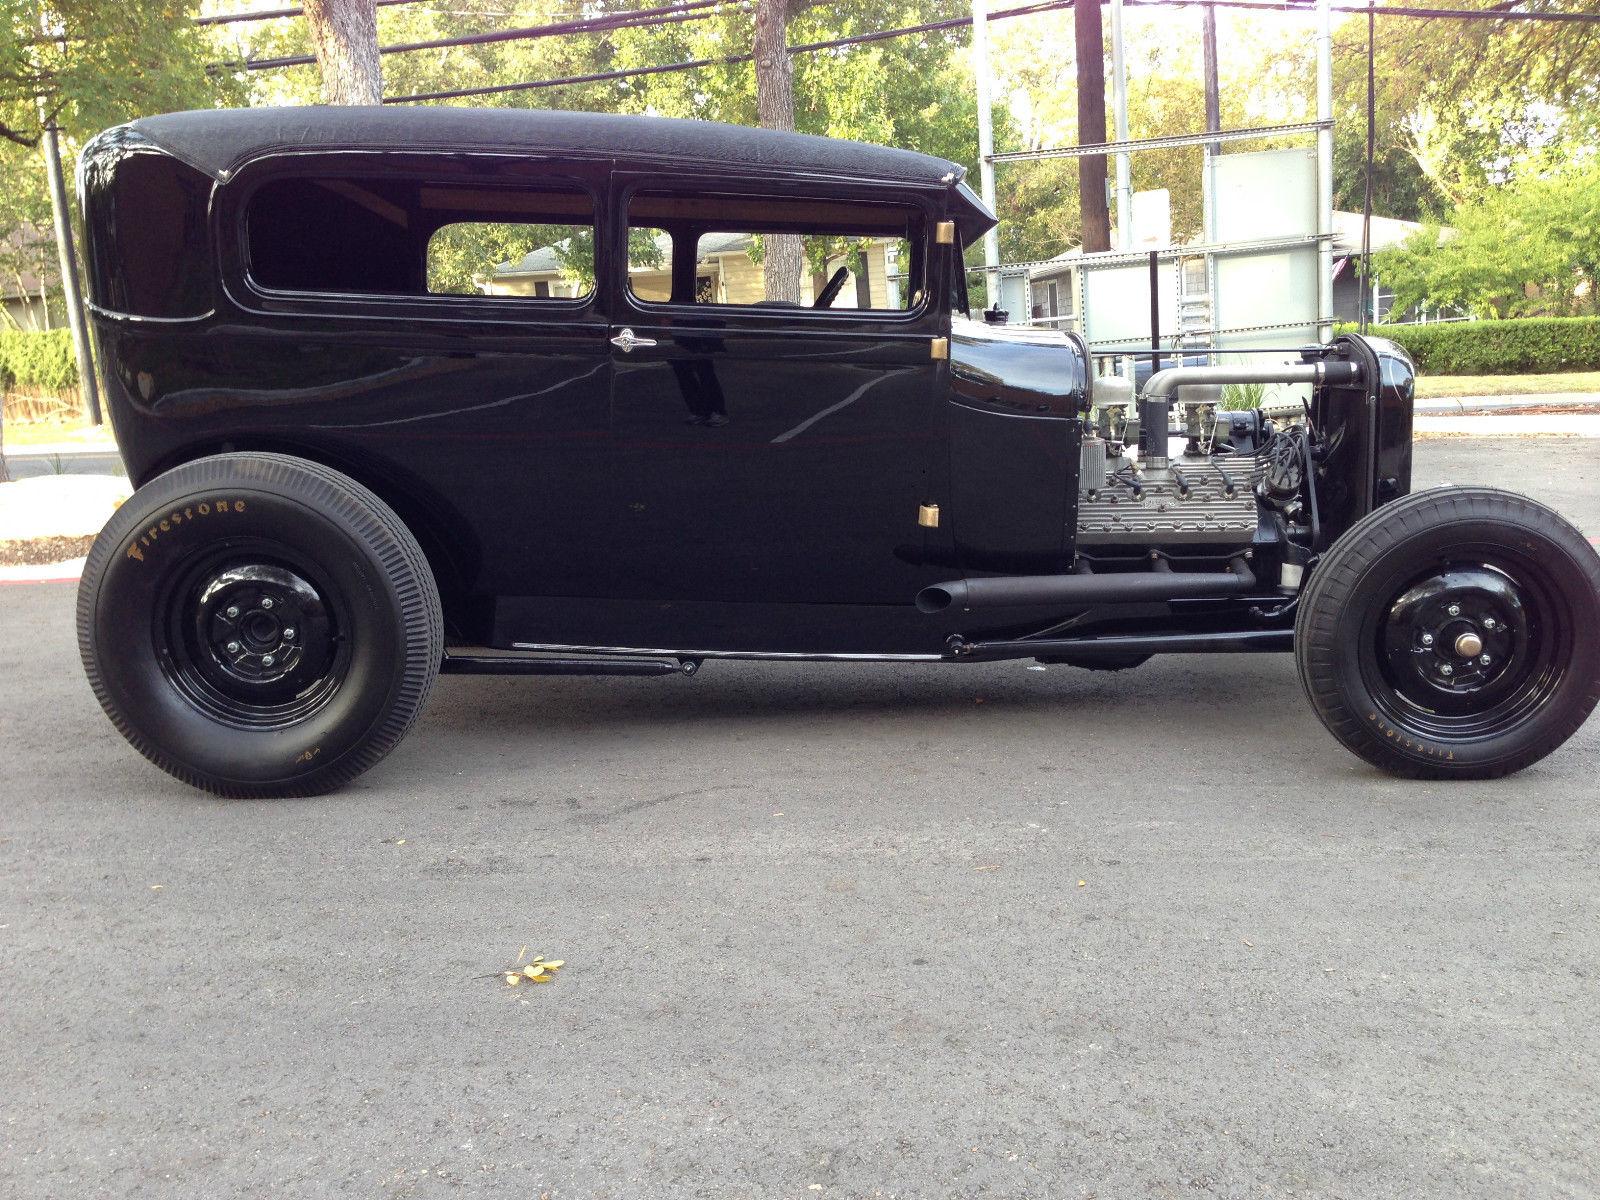 1928 Ford Model A Tudor Sedan 1932 Frame W 1950 Mercury Flathead V8 Fresh Build Classic Ford Model A 1928 For Sale